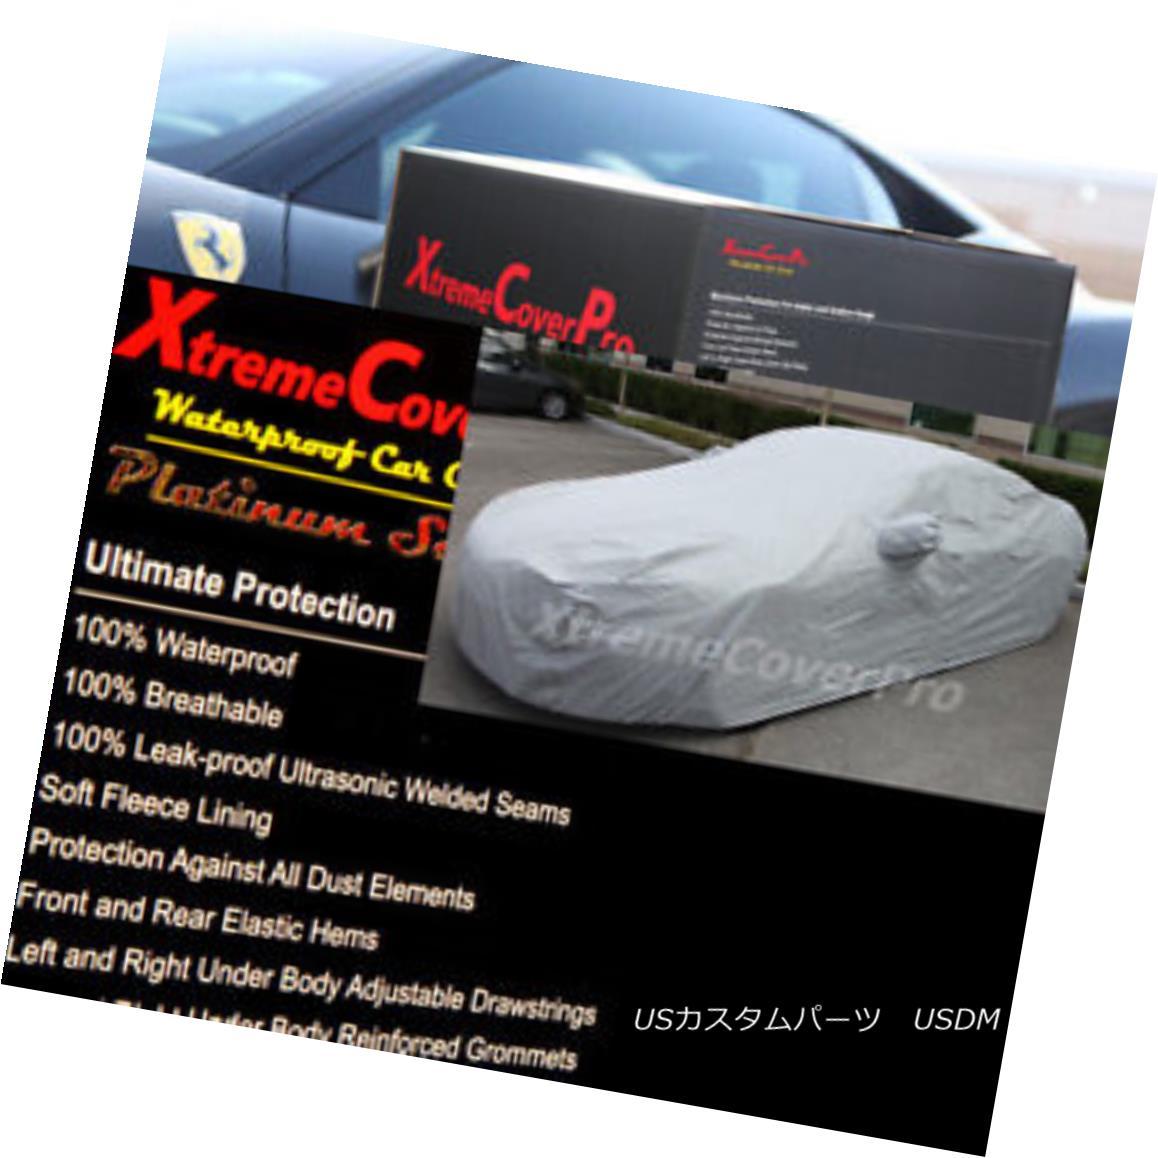 カーカバー 2012 Toyota Prius-C Waterproof Car Cover w/MirrorPocket 2012年トヨタプリウスC防水カーカバー付きMirrorPocket